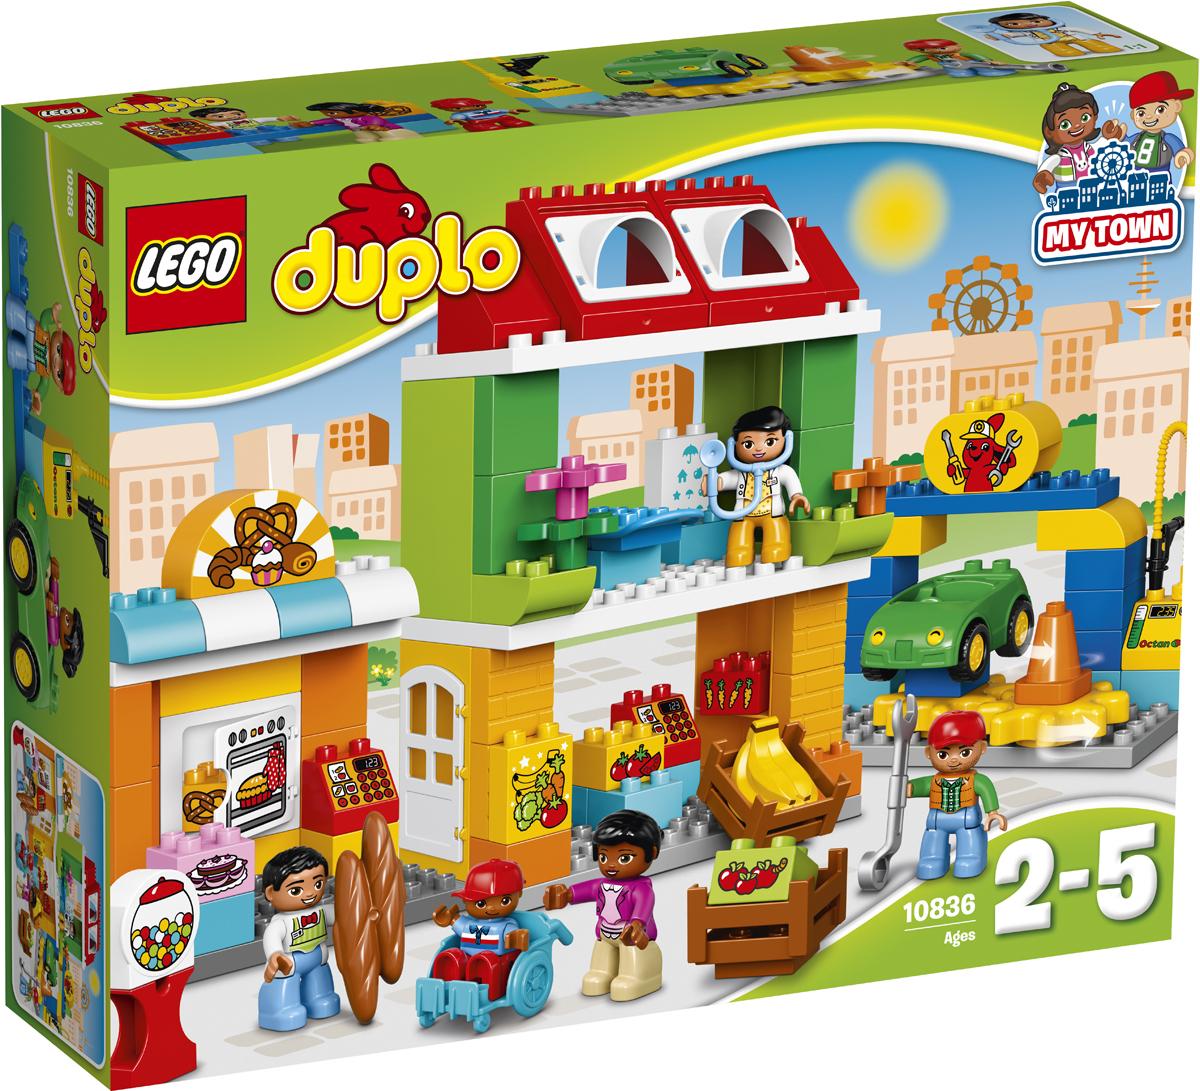 LEGO DUPLO Конструктор Городская площадь 1083610836Разыгрывайте реальные сценарии из жизни с помощью LEGO DUPLO: создавайте узнаваемый мир с новыми фигурками DUPLO. Собирайте набор «Городская площадь» вместе с малышом: здесь вам предстоит так много увидеть и сделать! Поворачивайте зубчатые колеса, чтобы машина развернулась для ремонта, покупайте свежие продукты в булочной и в овощном магазине или отправляйтесь на приём к врачу! В набор входят пять минифигурок DUPLO.